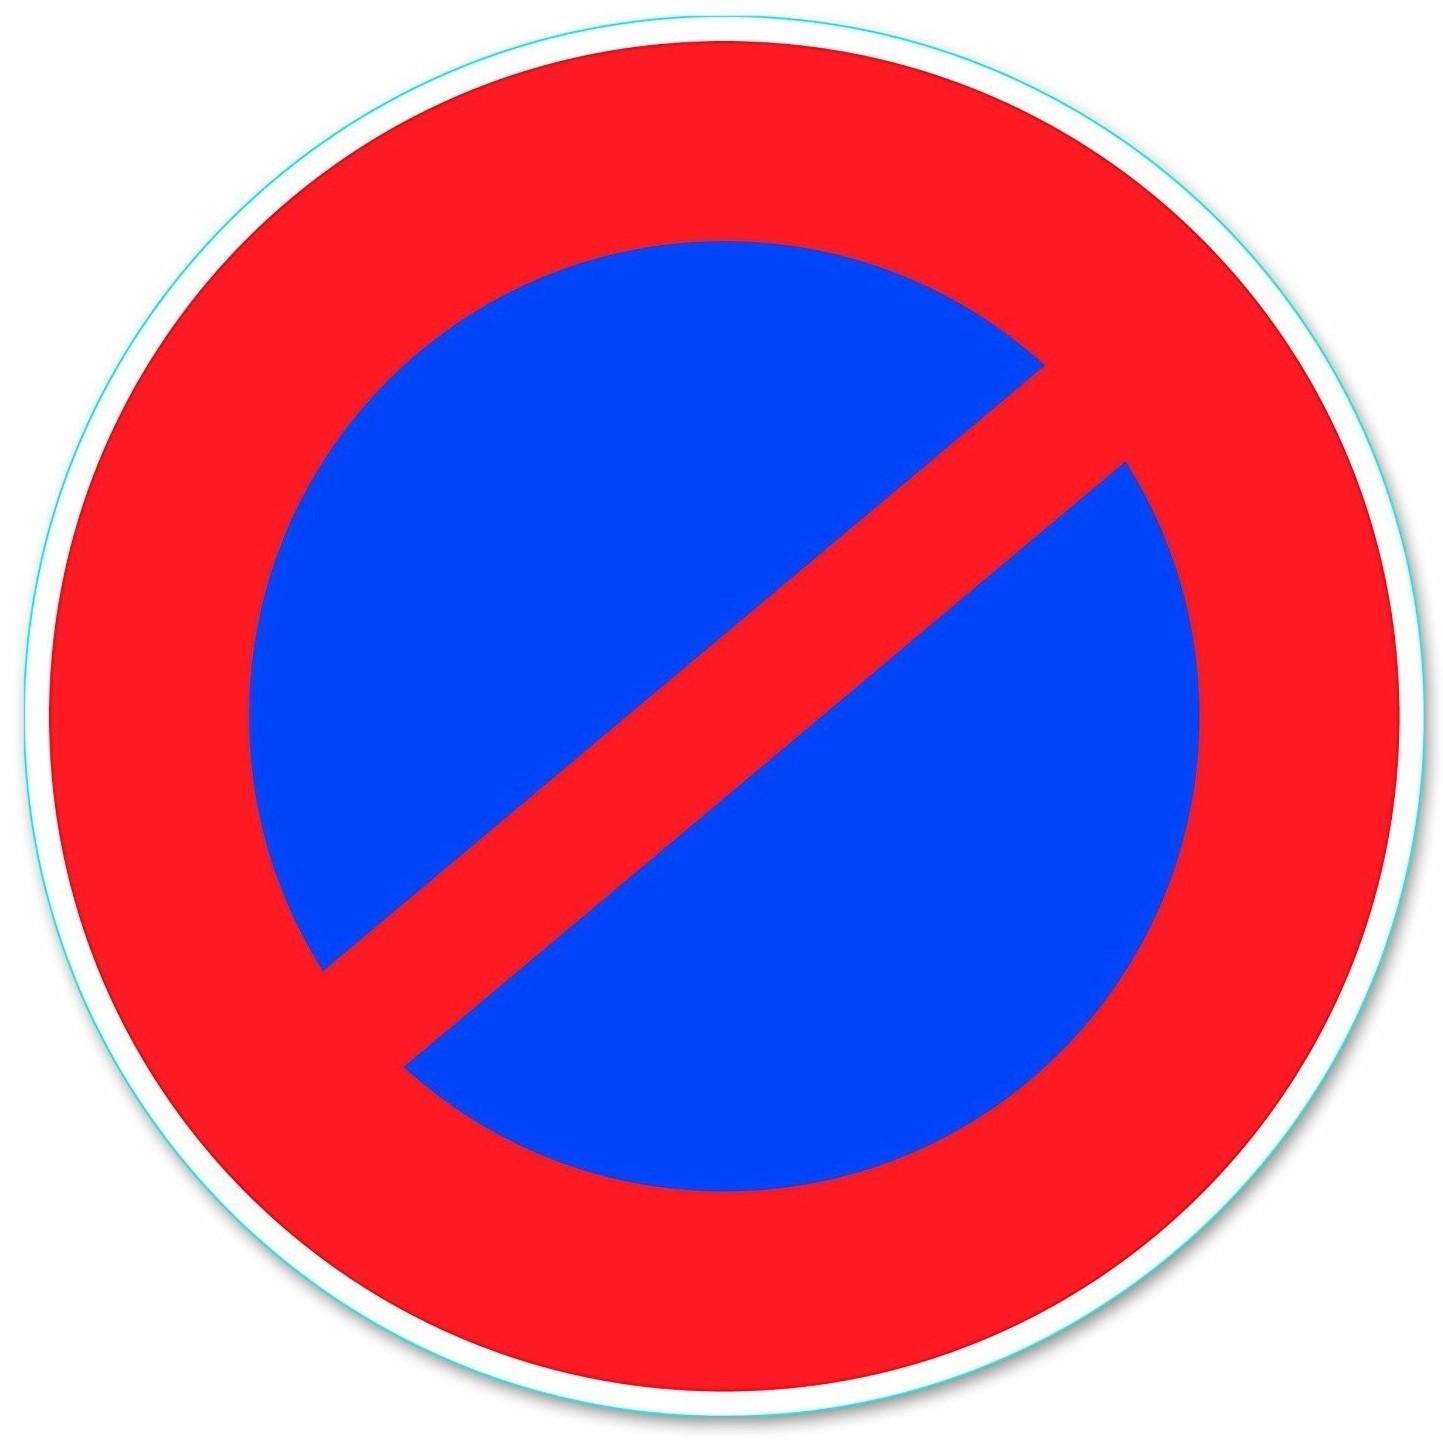 Multa per divieto di sosta auto quando è nulla. Tutti i casi aggiornati